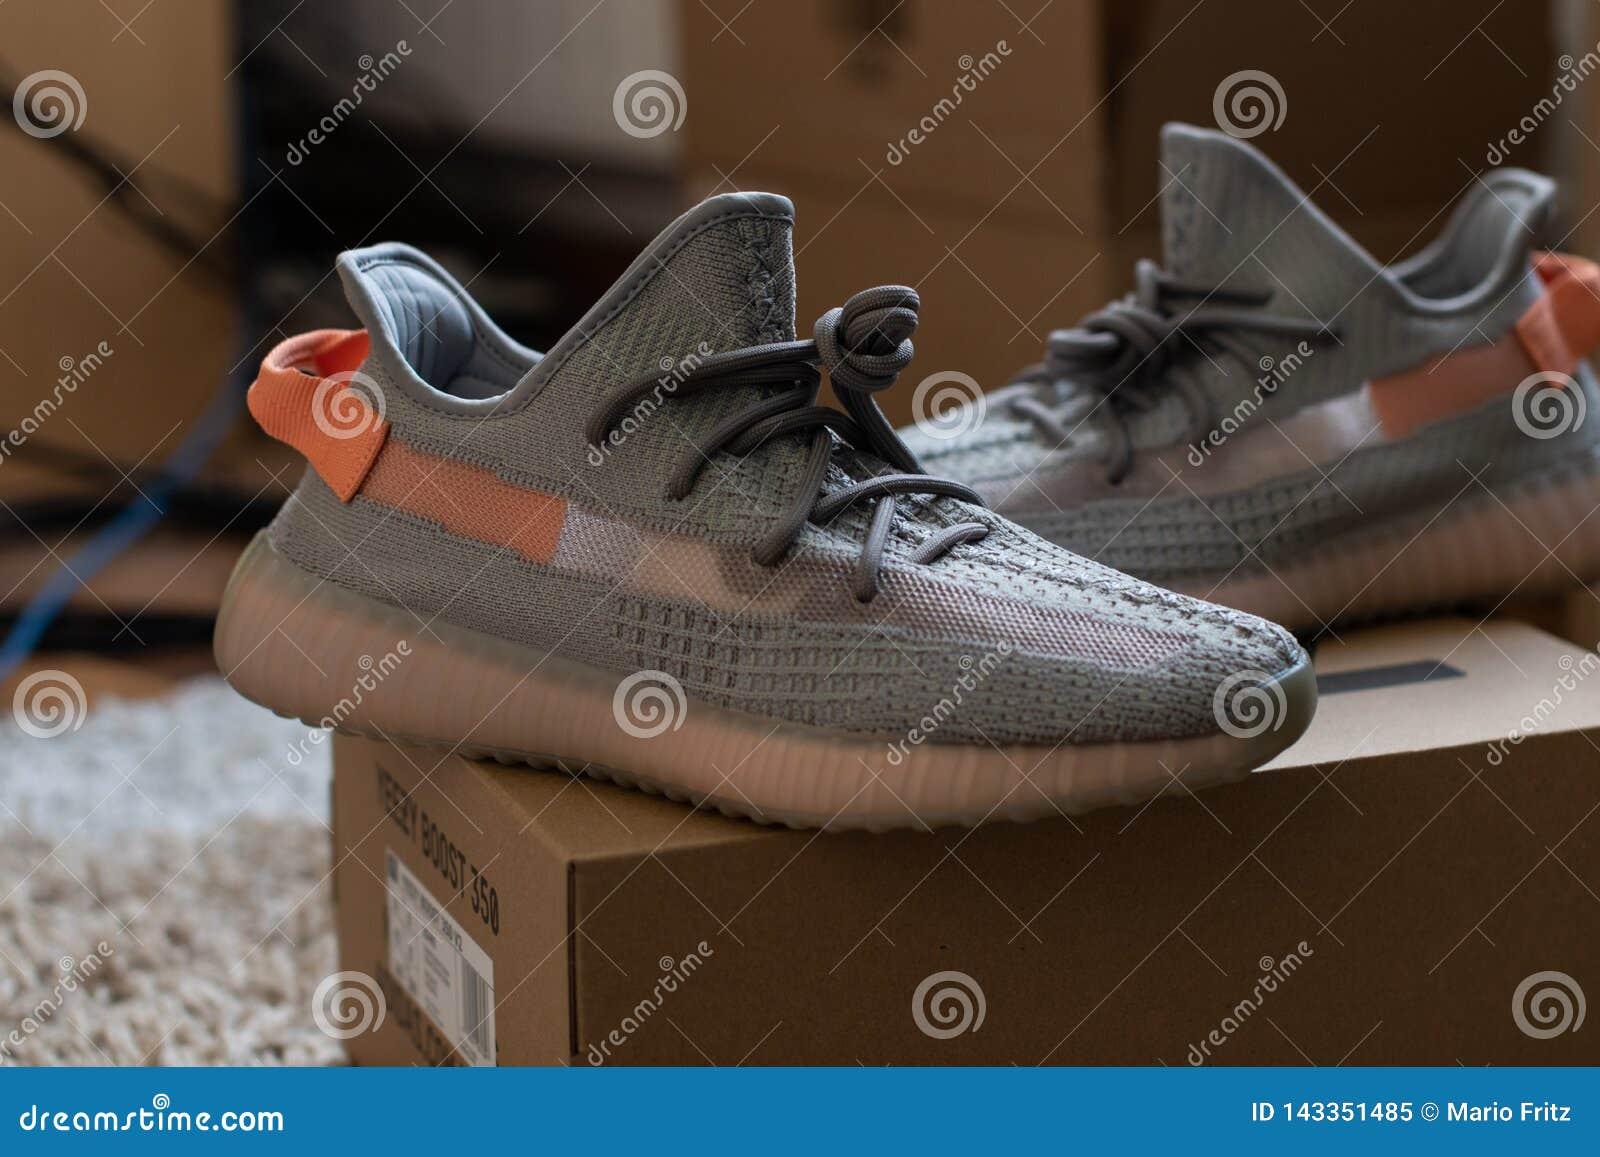 Adidas Yeezy Boost 350 V2 Trfrm True